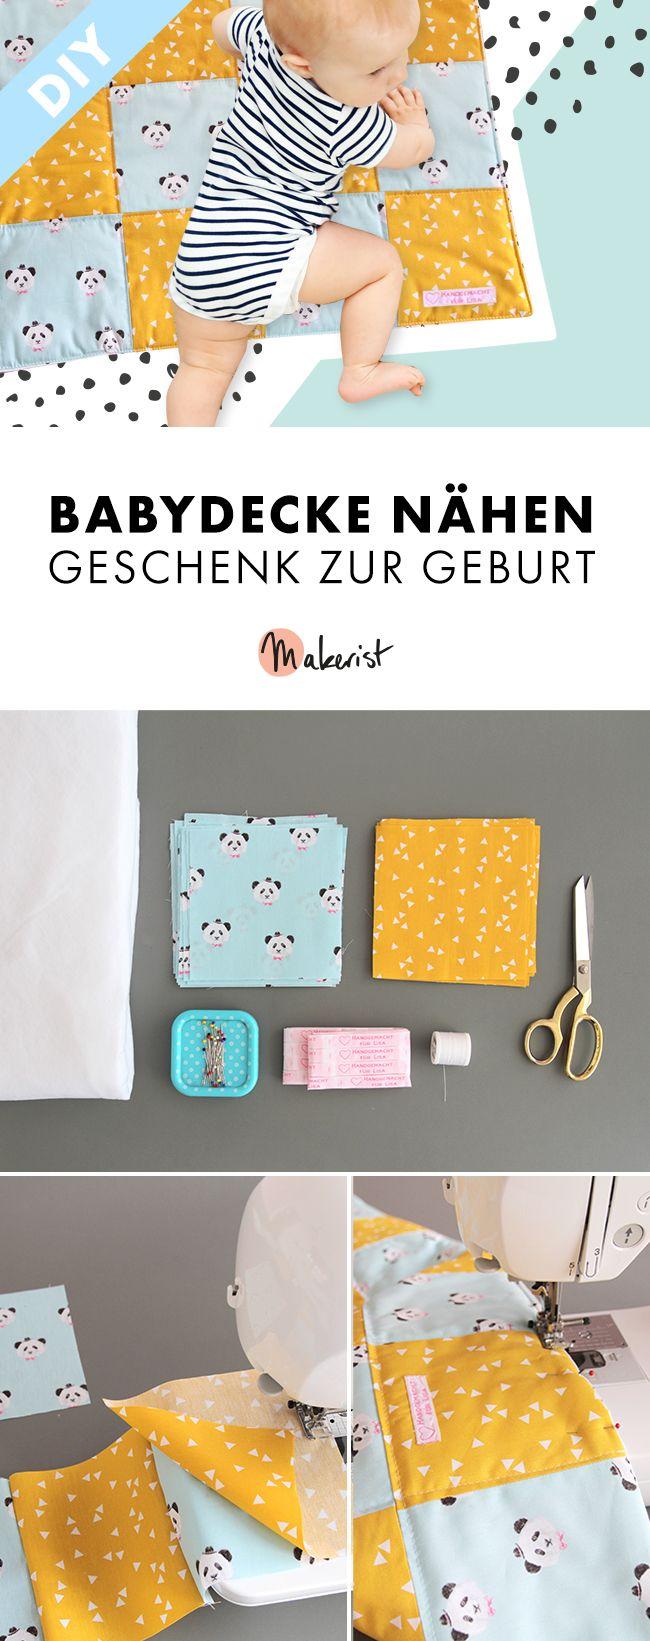 Photo of Geschenk für die Geburt – Babydecke nähen – Makerist Magazin